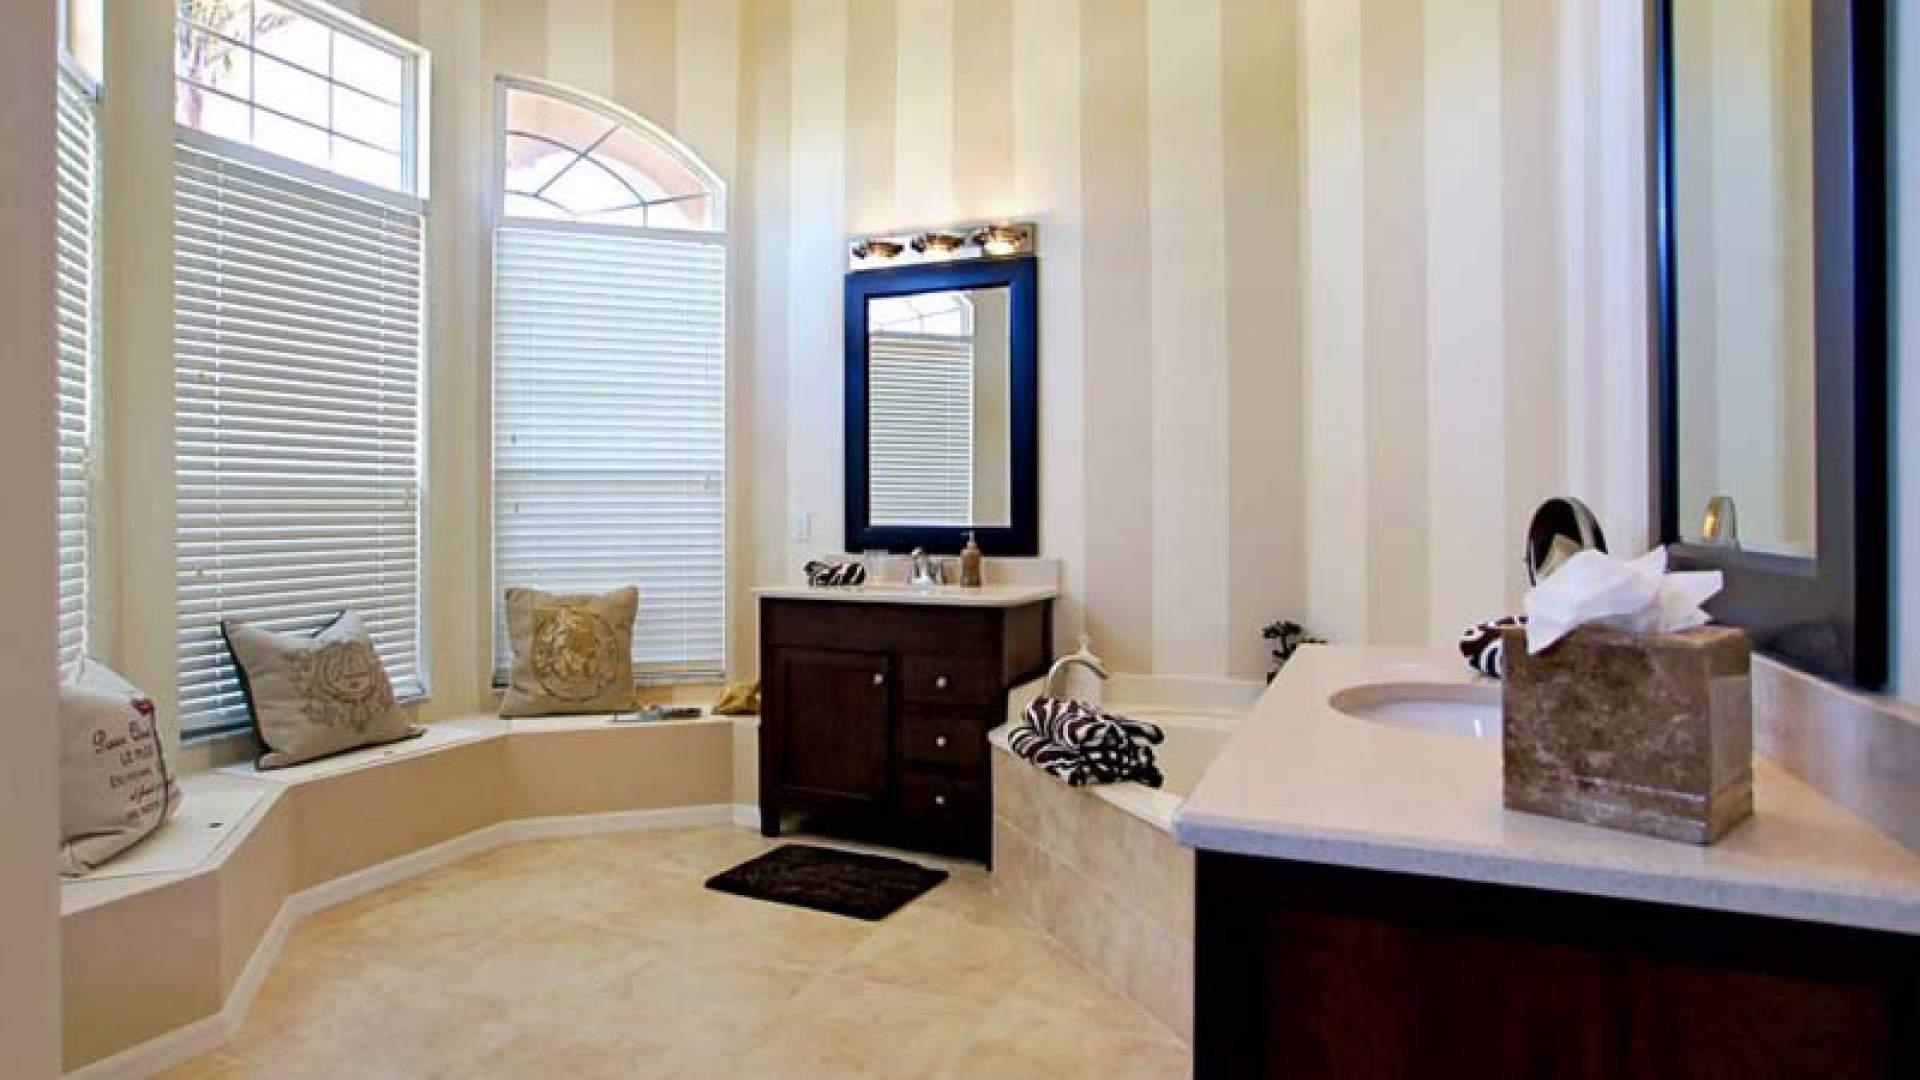 Dusche Direkt Neben Badewanne : Dusche Direkt Vor Dem Fenster : Dusche, 2 separaten Waschtischen und